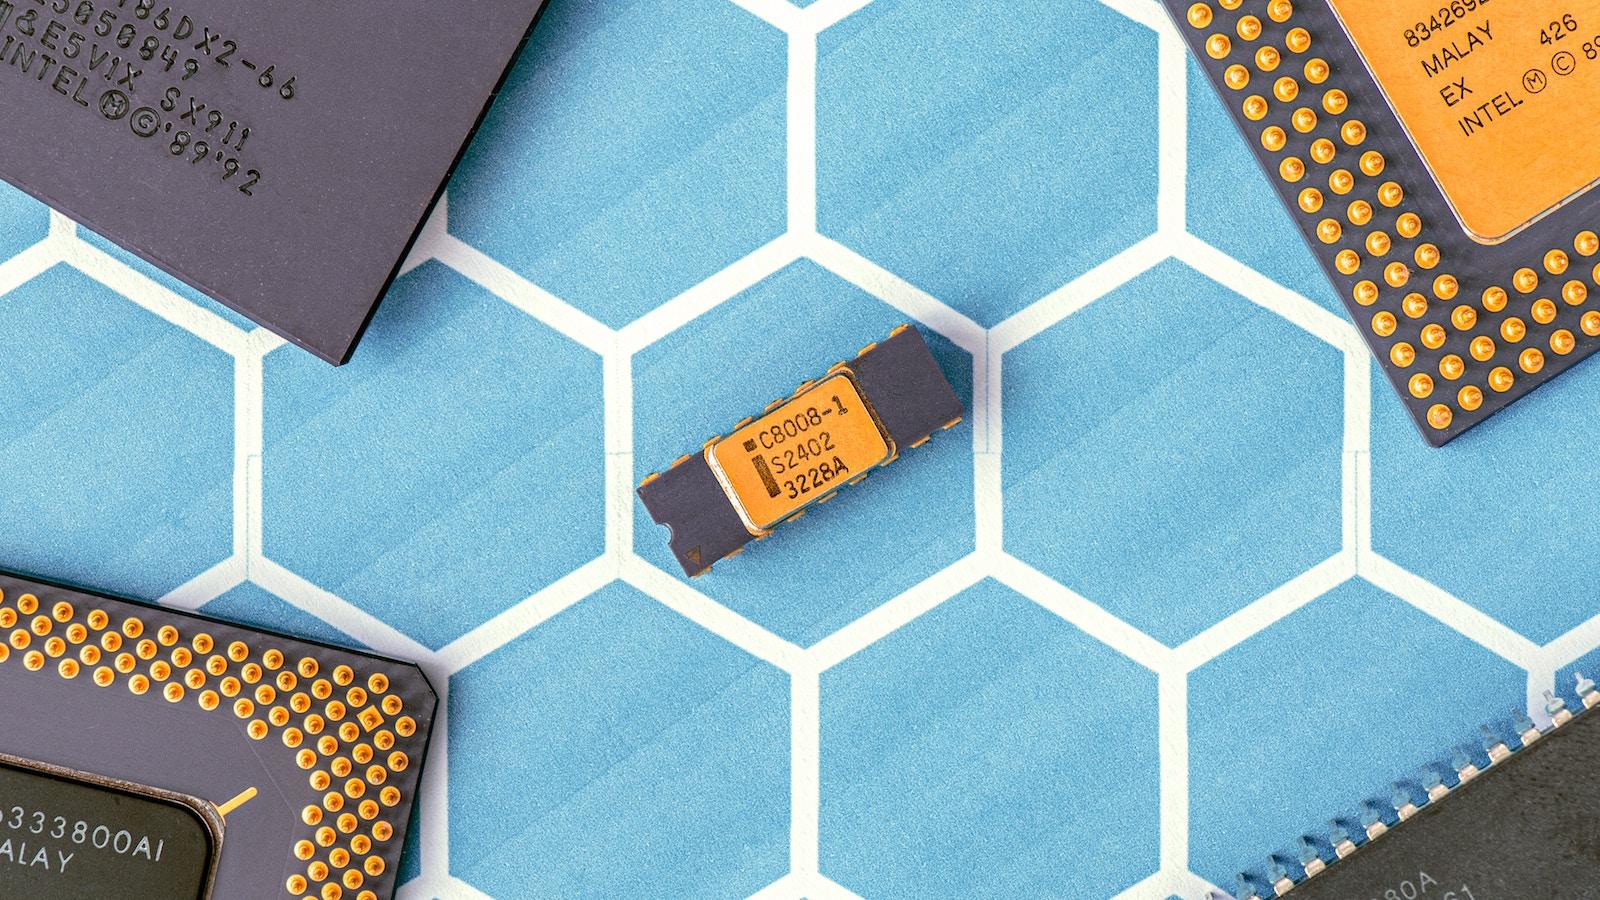 «Процесорґейт» — все про Meltdown, Spectre та вразливість «заліза» Intel